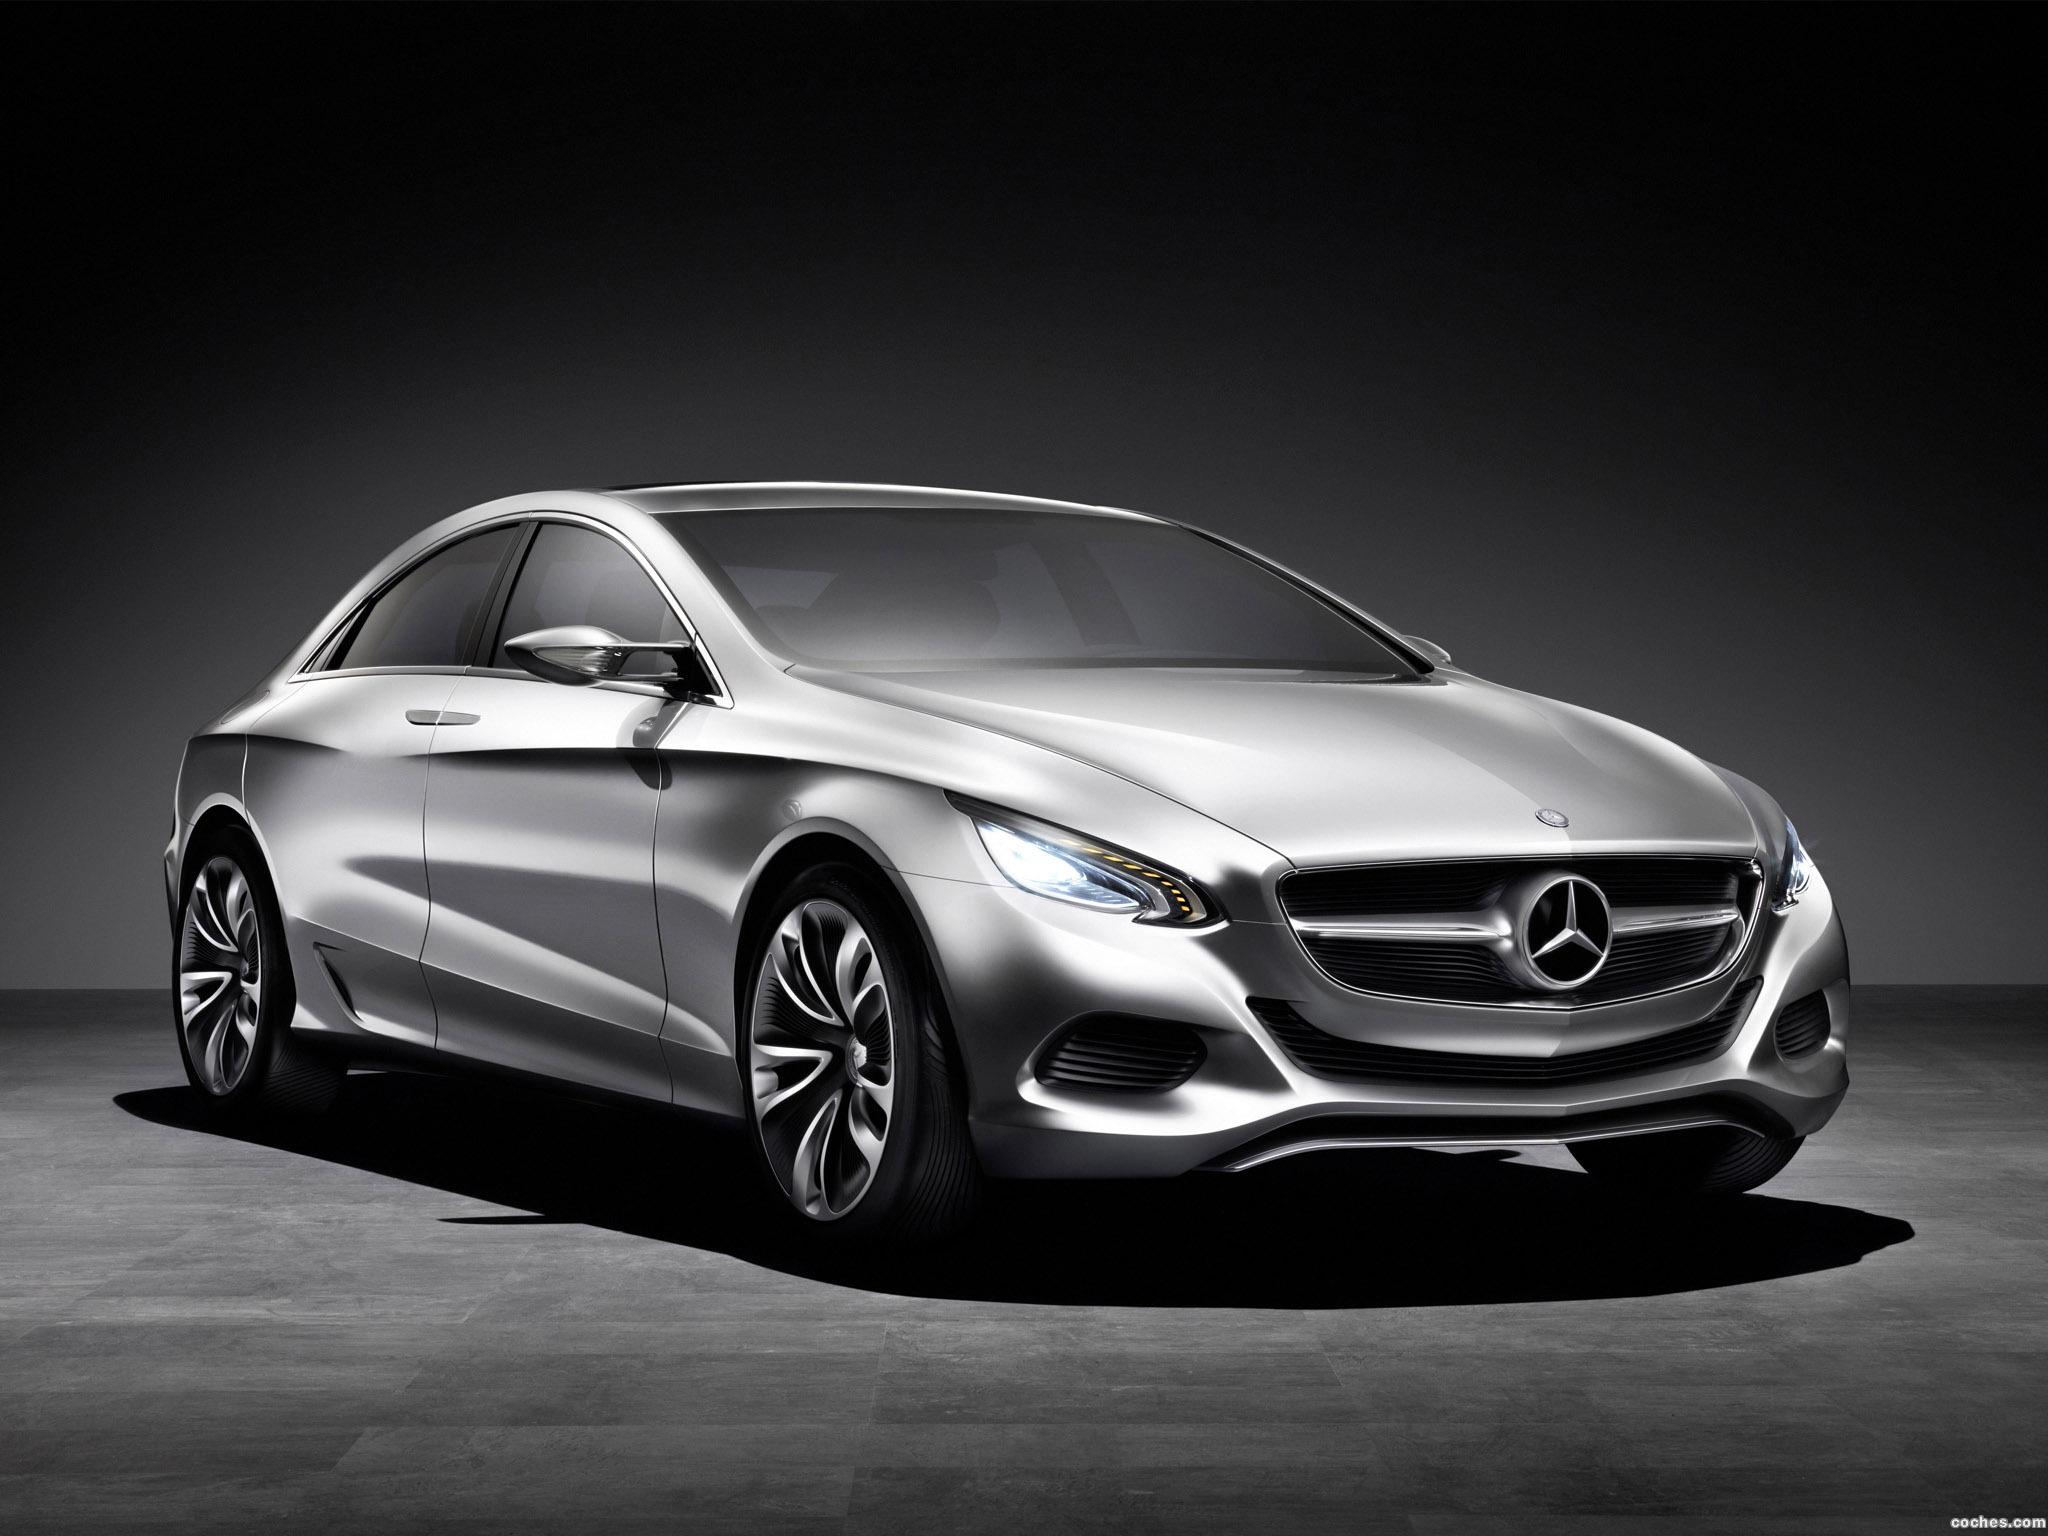 Foto 0 de Mercedes F800 Style Concept 2010